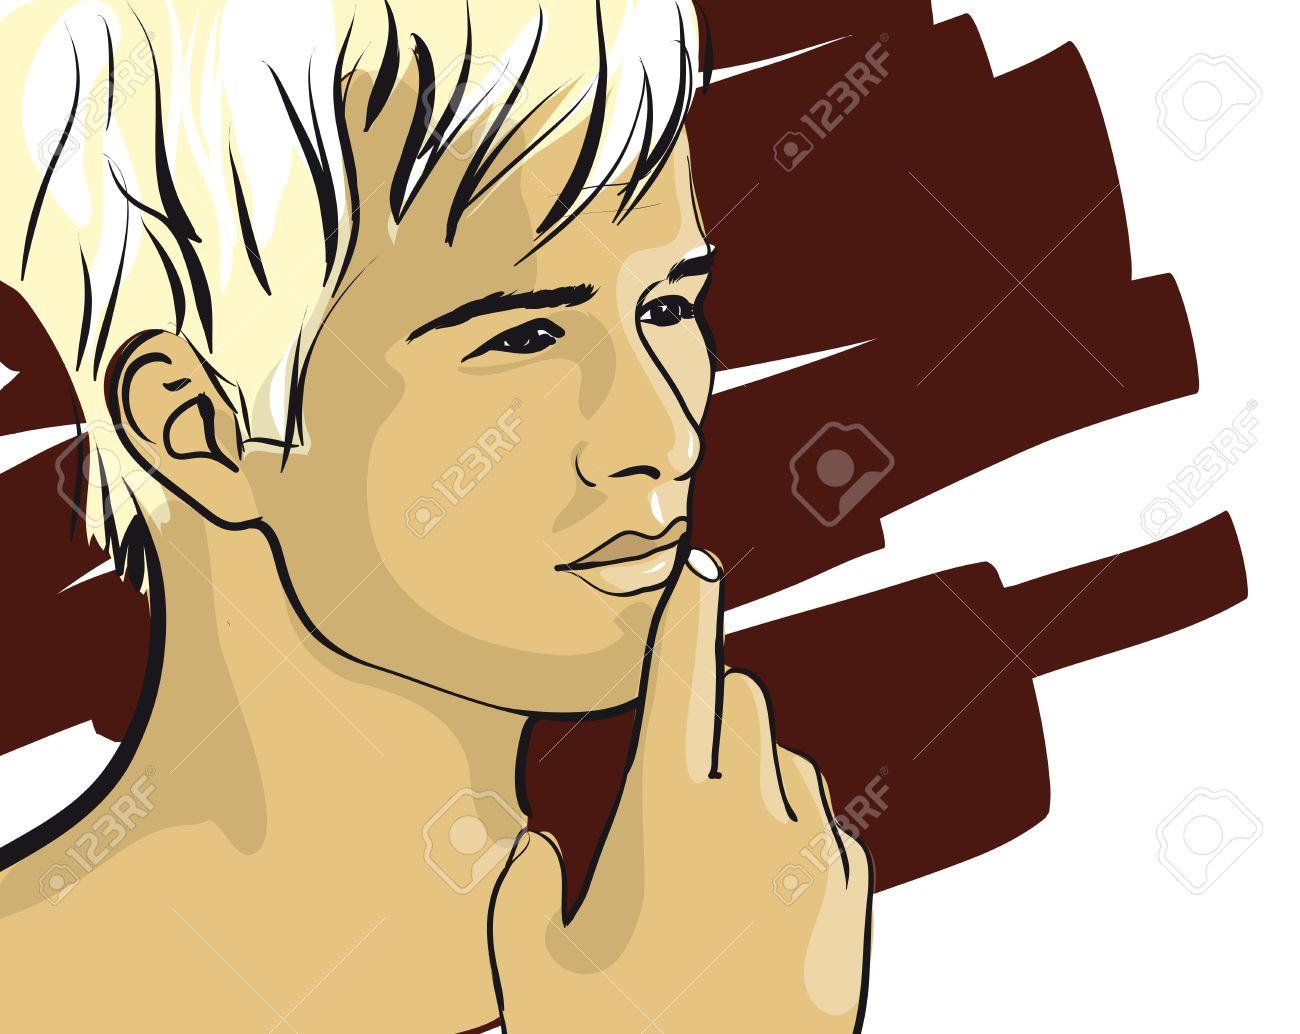 pensive face of a man  Vector Illustratio Stock Vector - 12484413